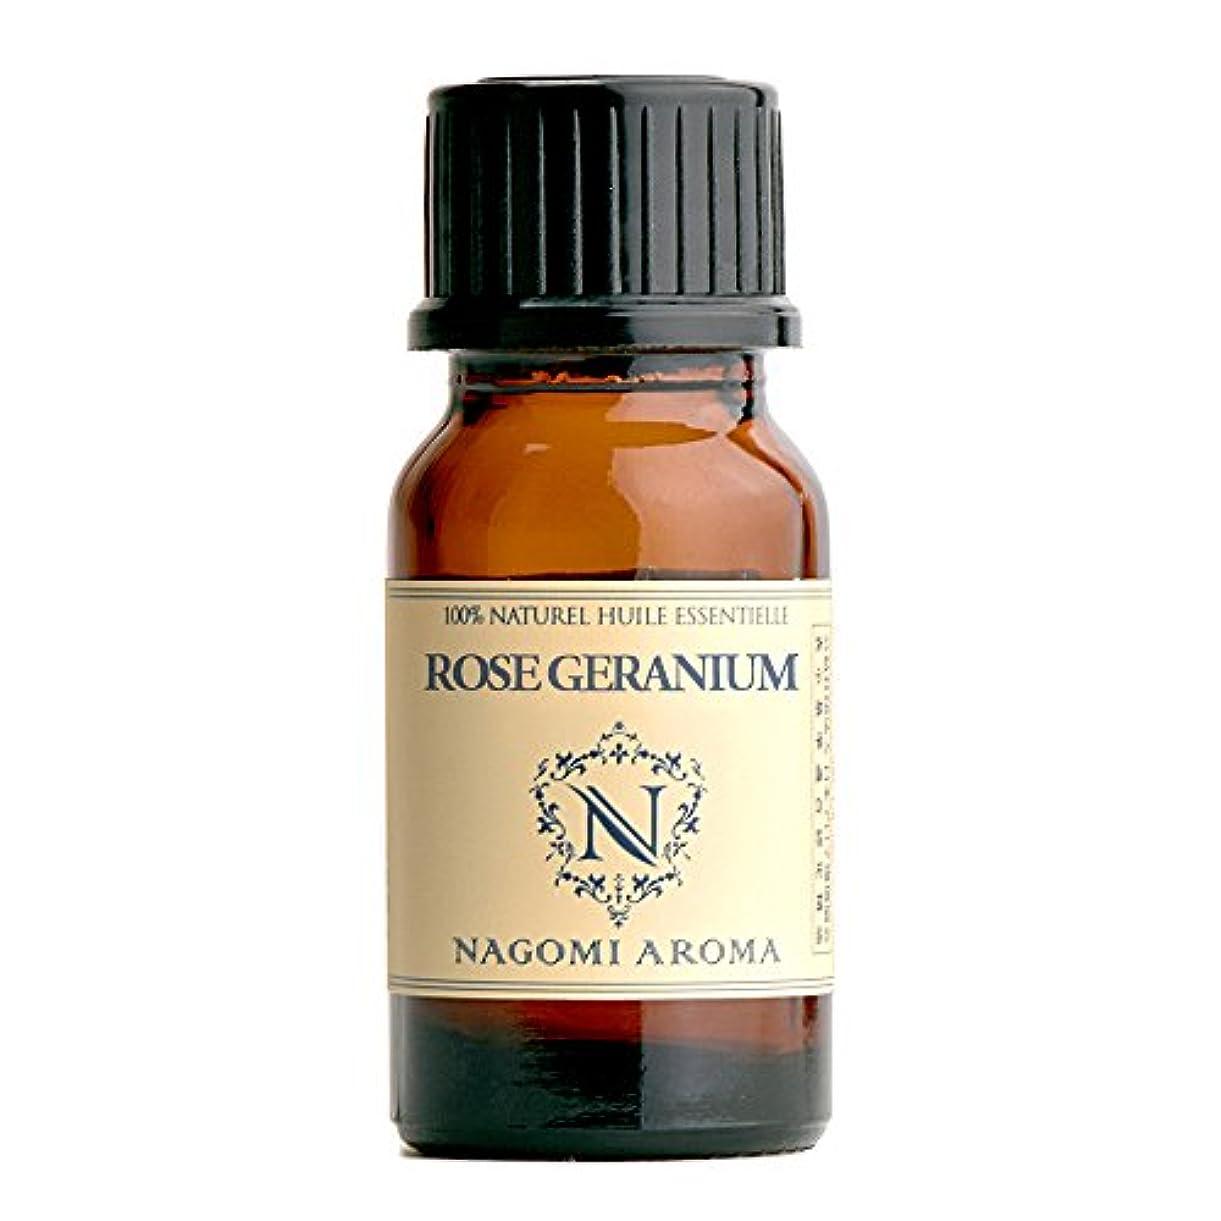 腹堂々たる甘やかすNAGOMI AROMA ローズゼラニウム 10ml 【AEAJ認定精油】【アロマオイル】